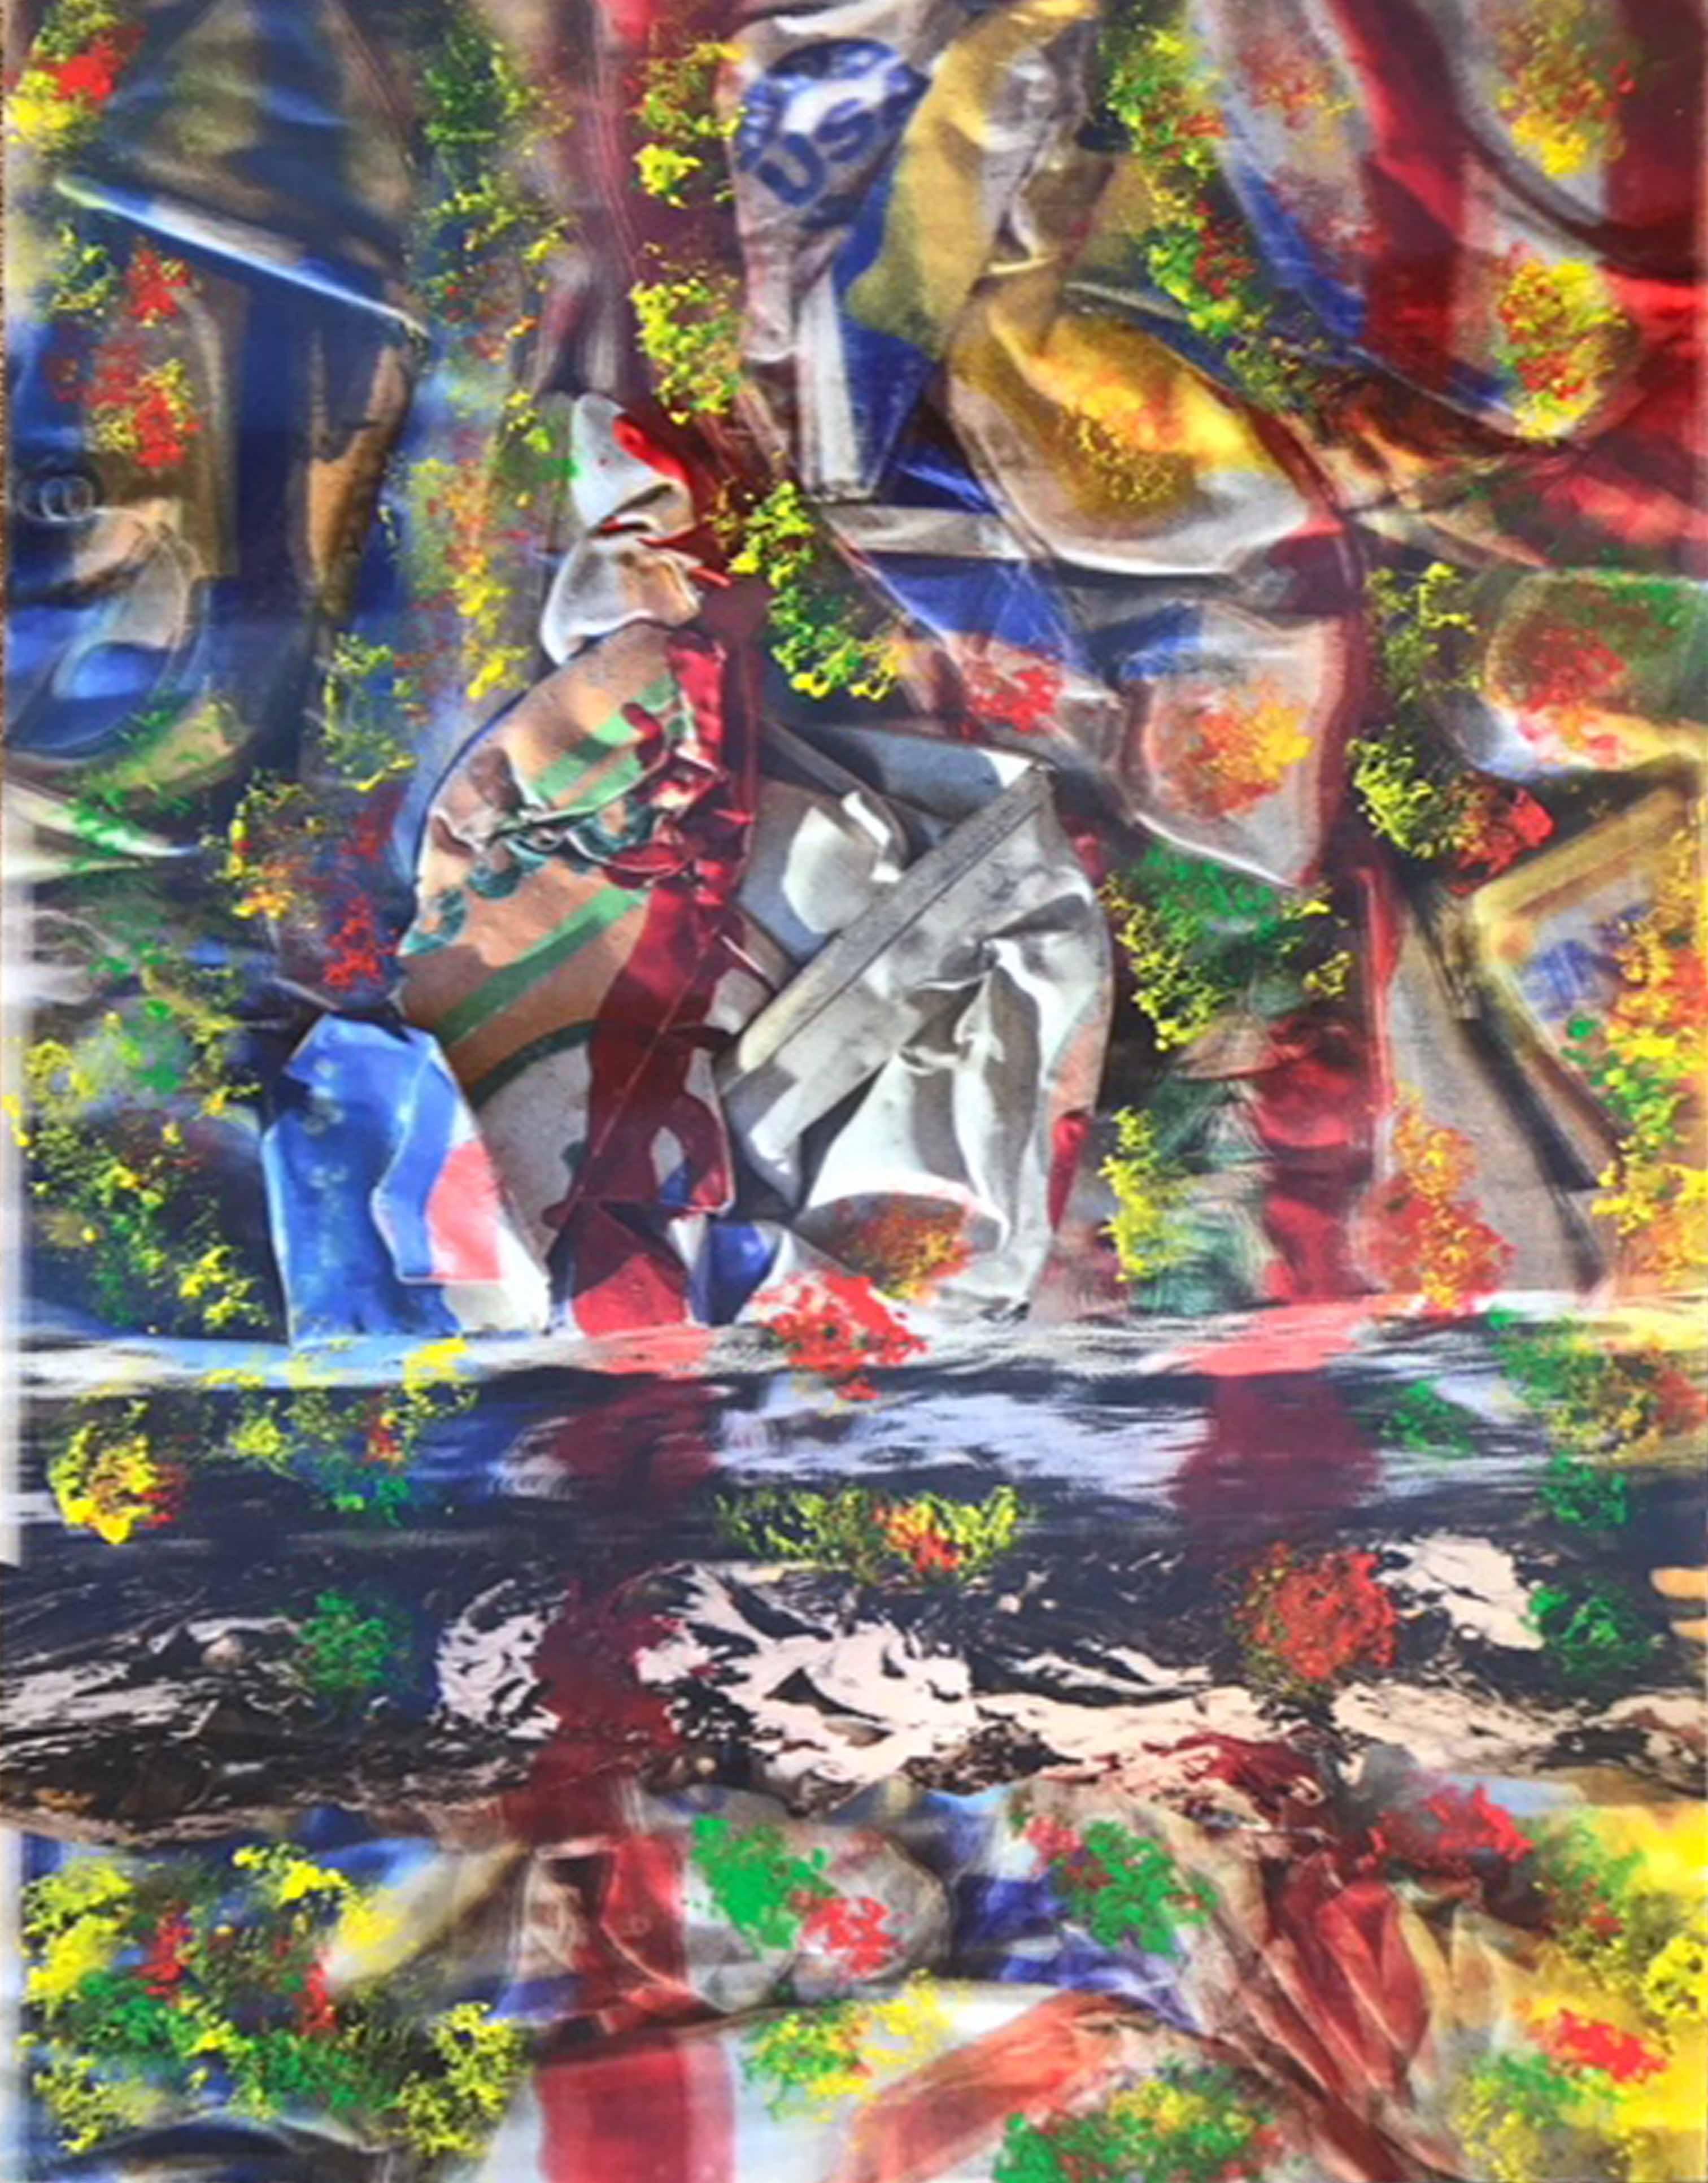 JULIO TESTONI (Nac. 1948) Foro pintura 3D sobre papel lenticular; 90 x 60 cm. Firmado abajo a la derecha con inIciales. POR CONSULTAS DE PRECIOS, CONTACTE LA GALERIA. FOR PRICE´S ENQUIRIES, PLEASE CONTACT THE GALLERY.